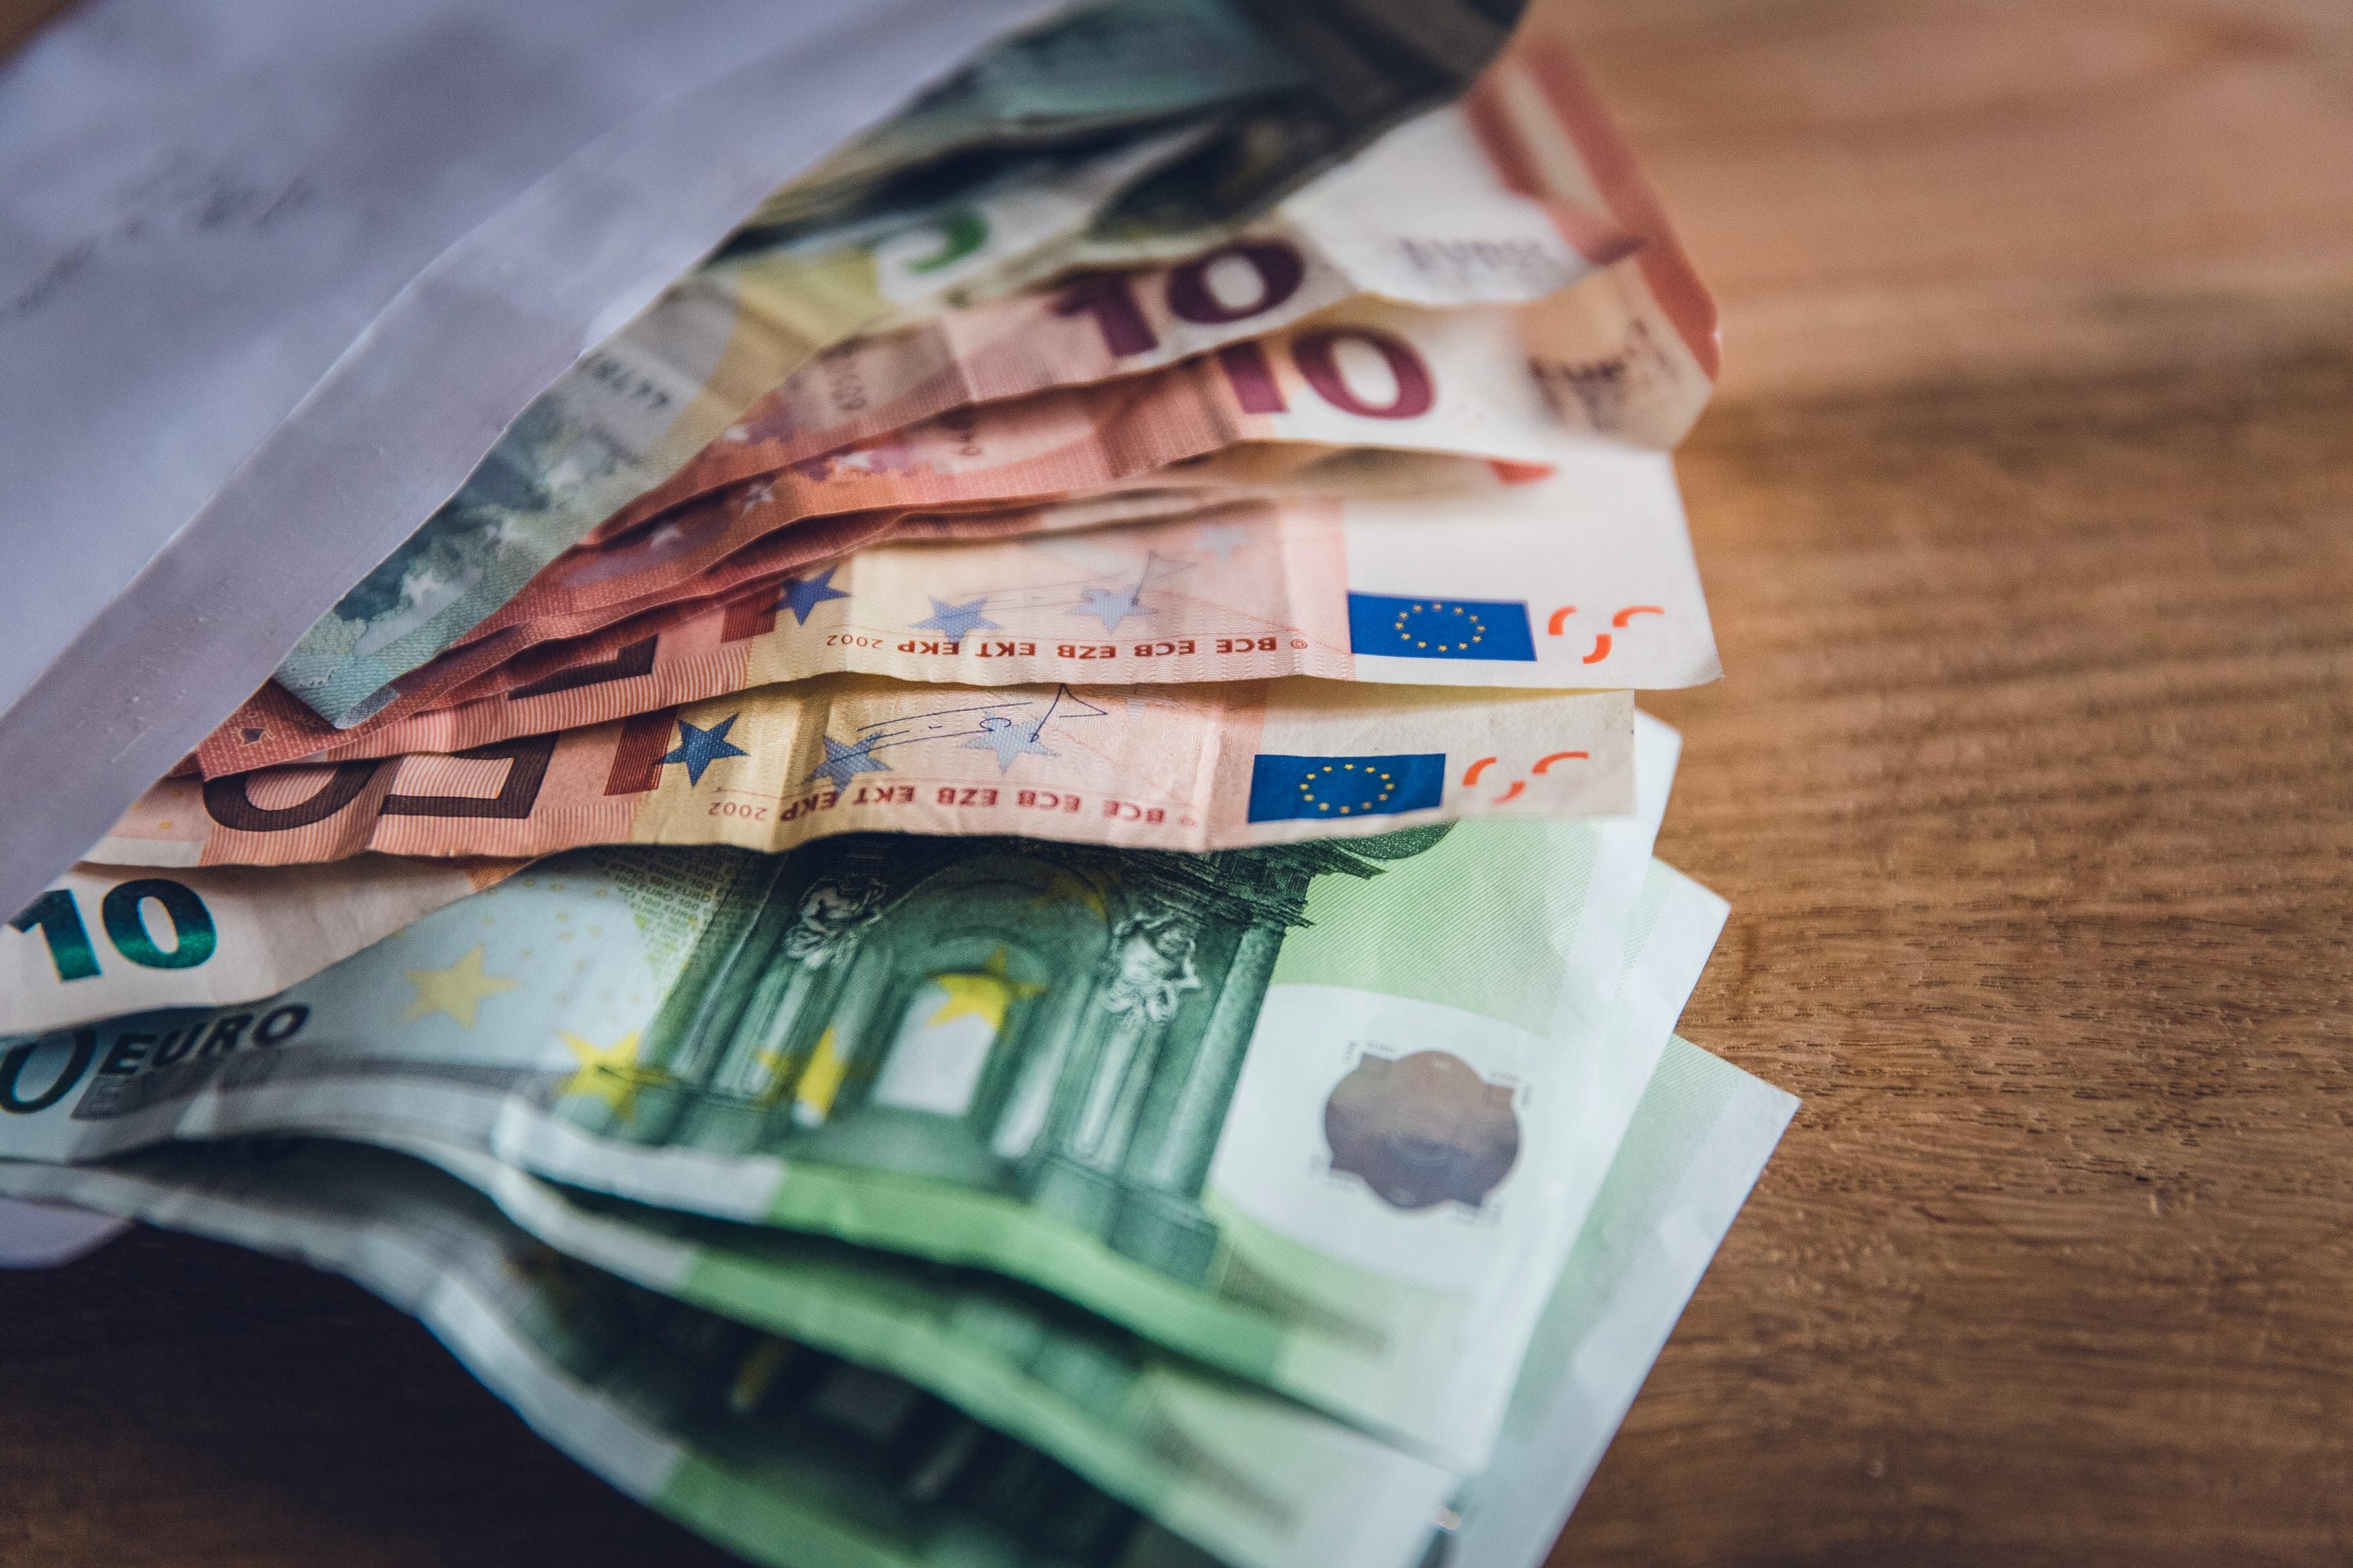 金融报告:全球债务将达277万亿美元创纪录,今年经济预计萎缩4.4%